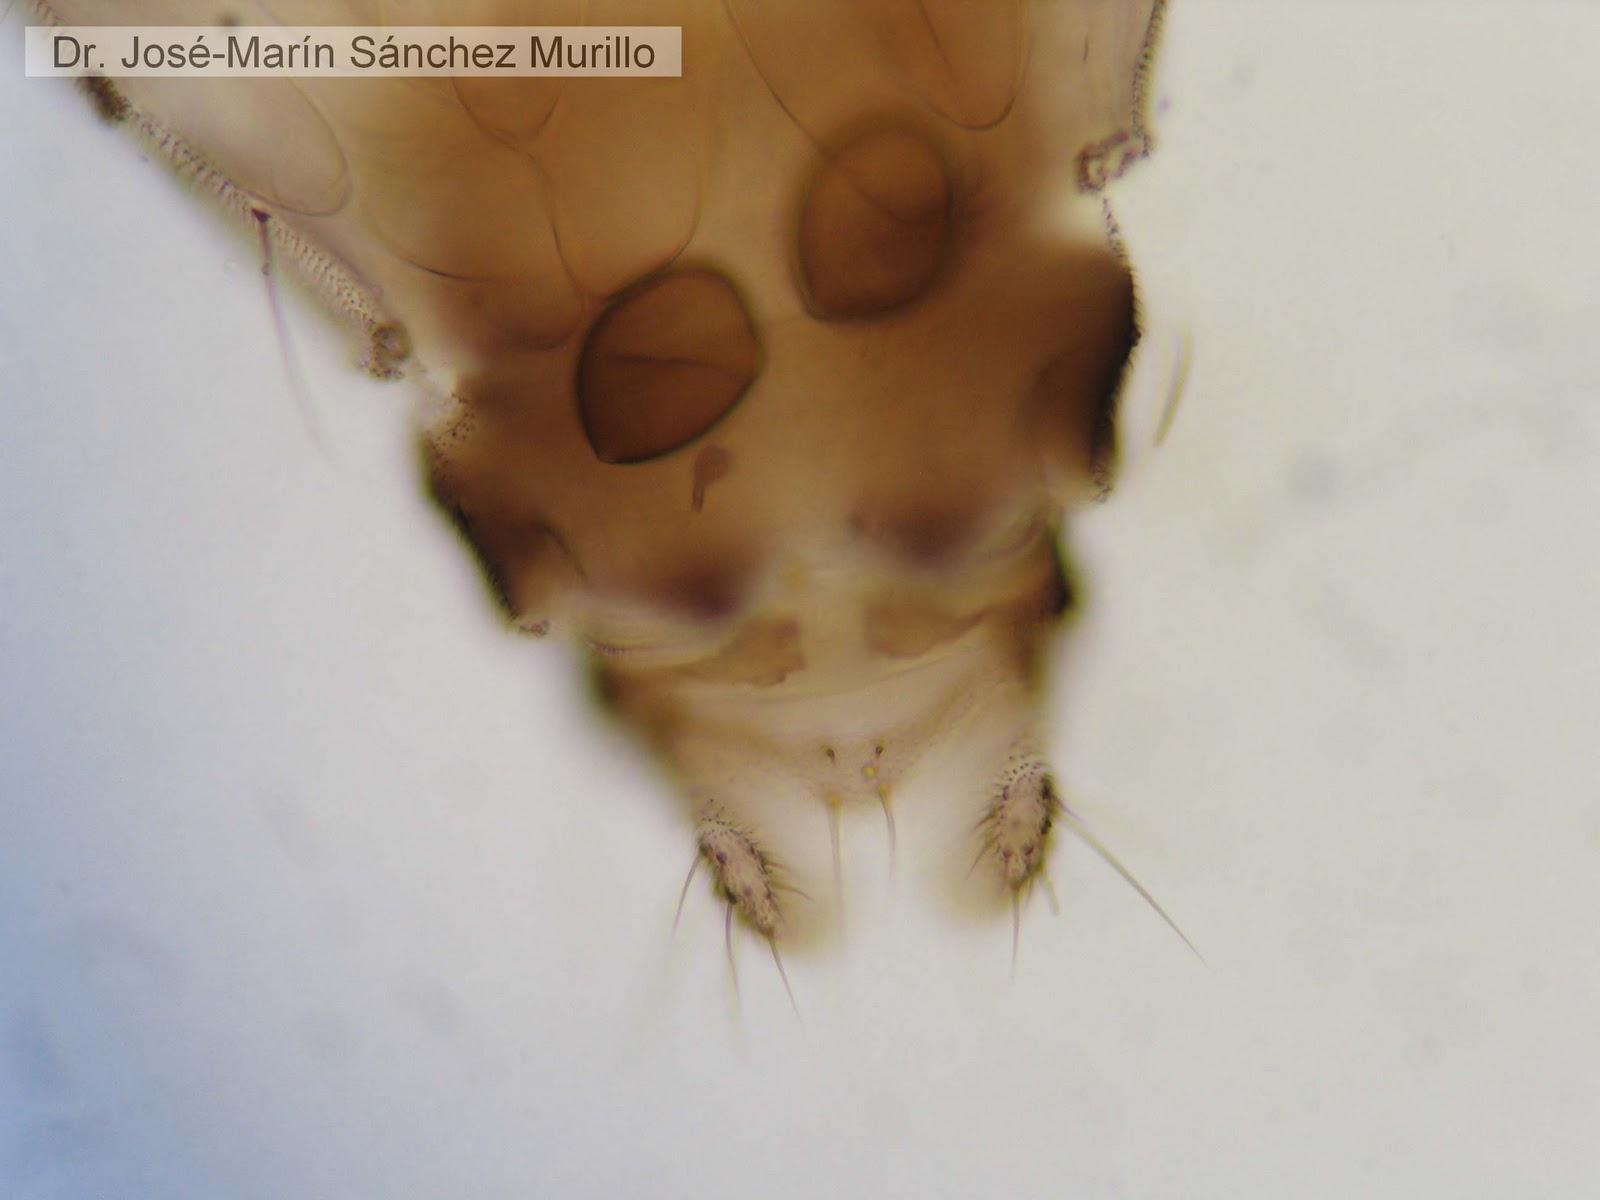 a mellbimbó genitális szemölcsei